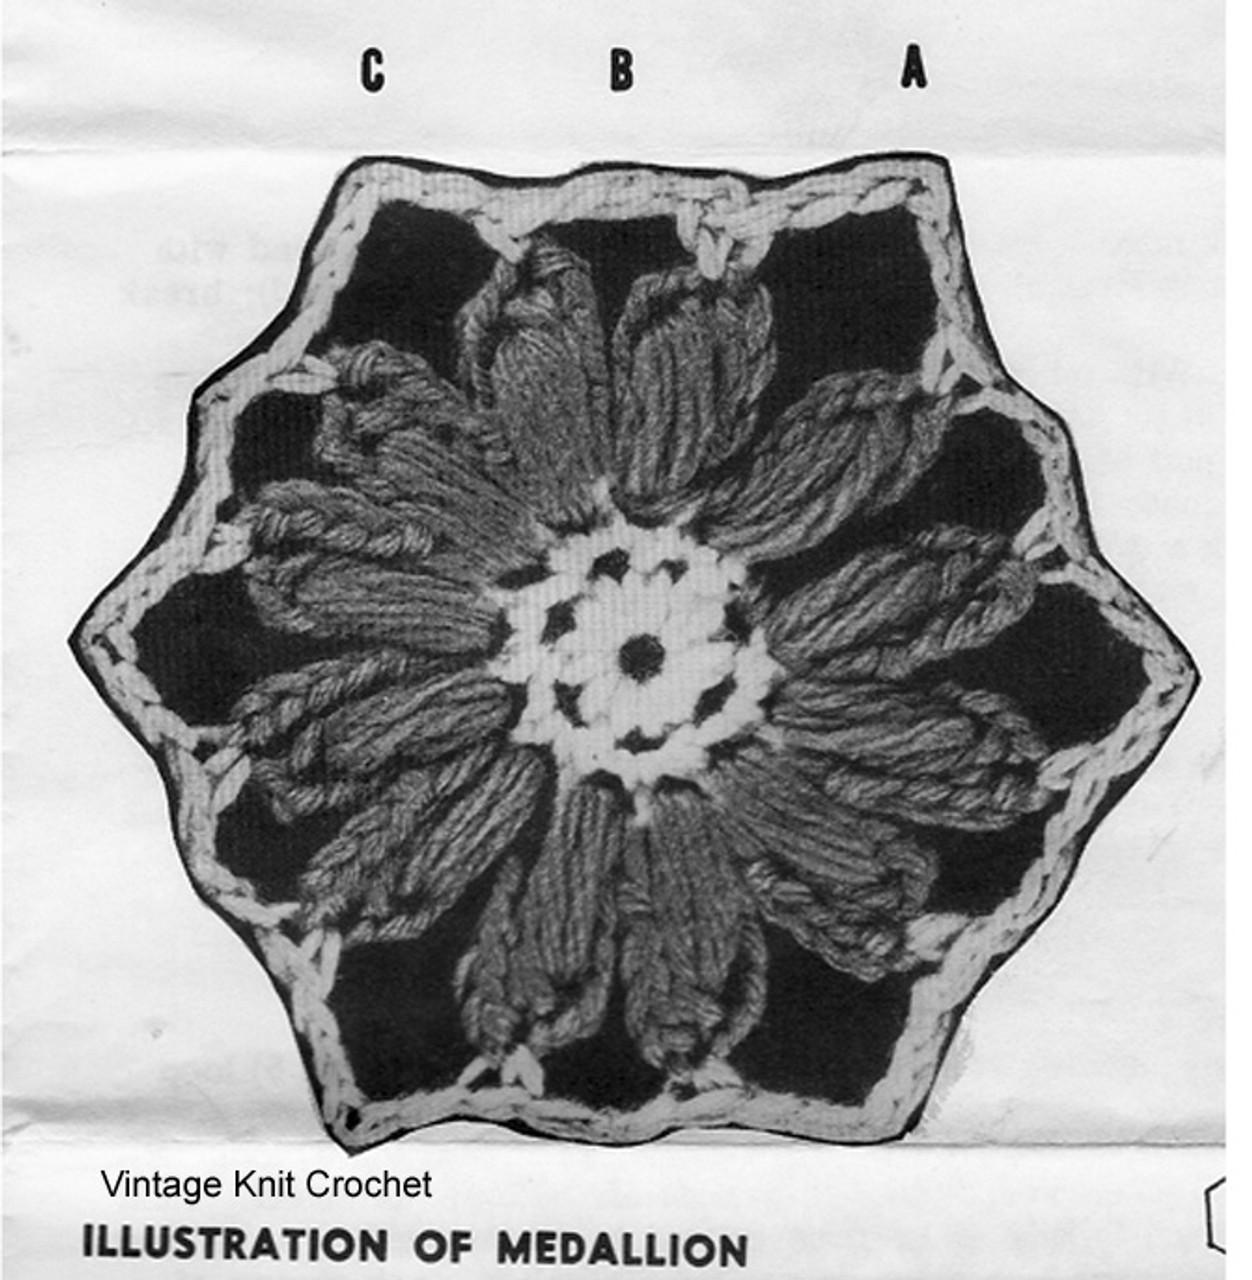 Crocheted Flower Medallion Illustration, Design 711